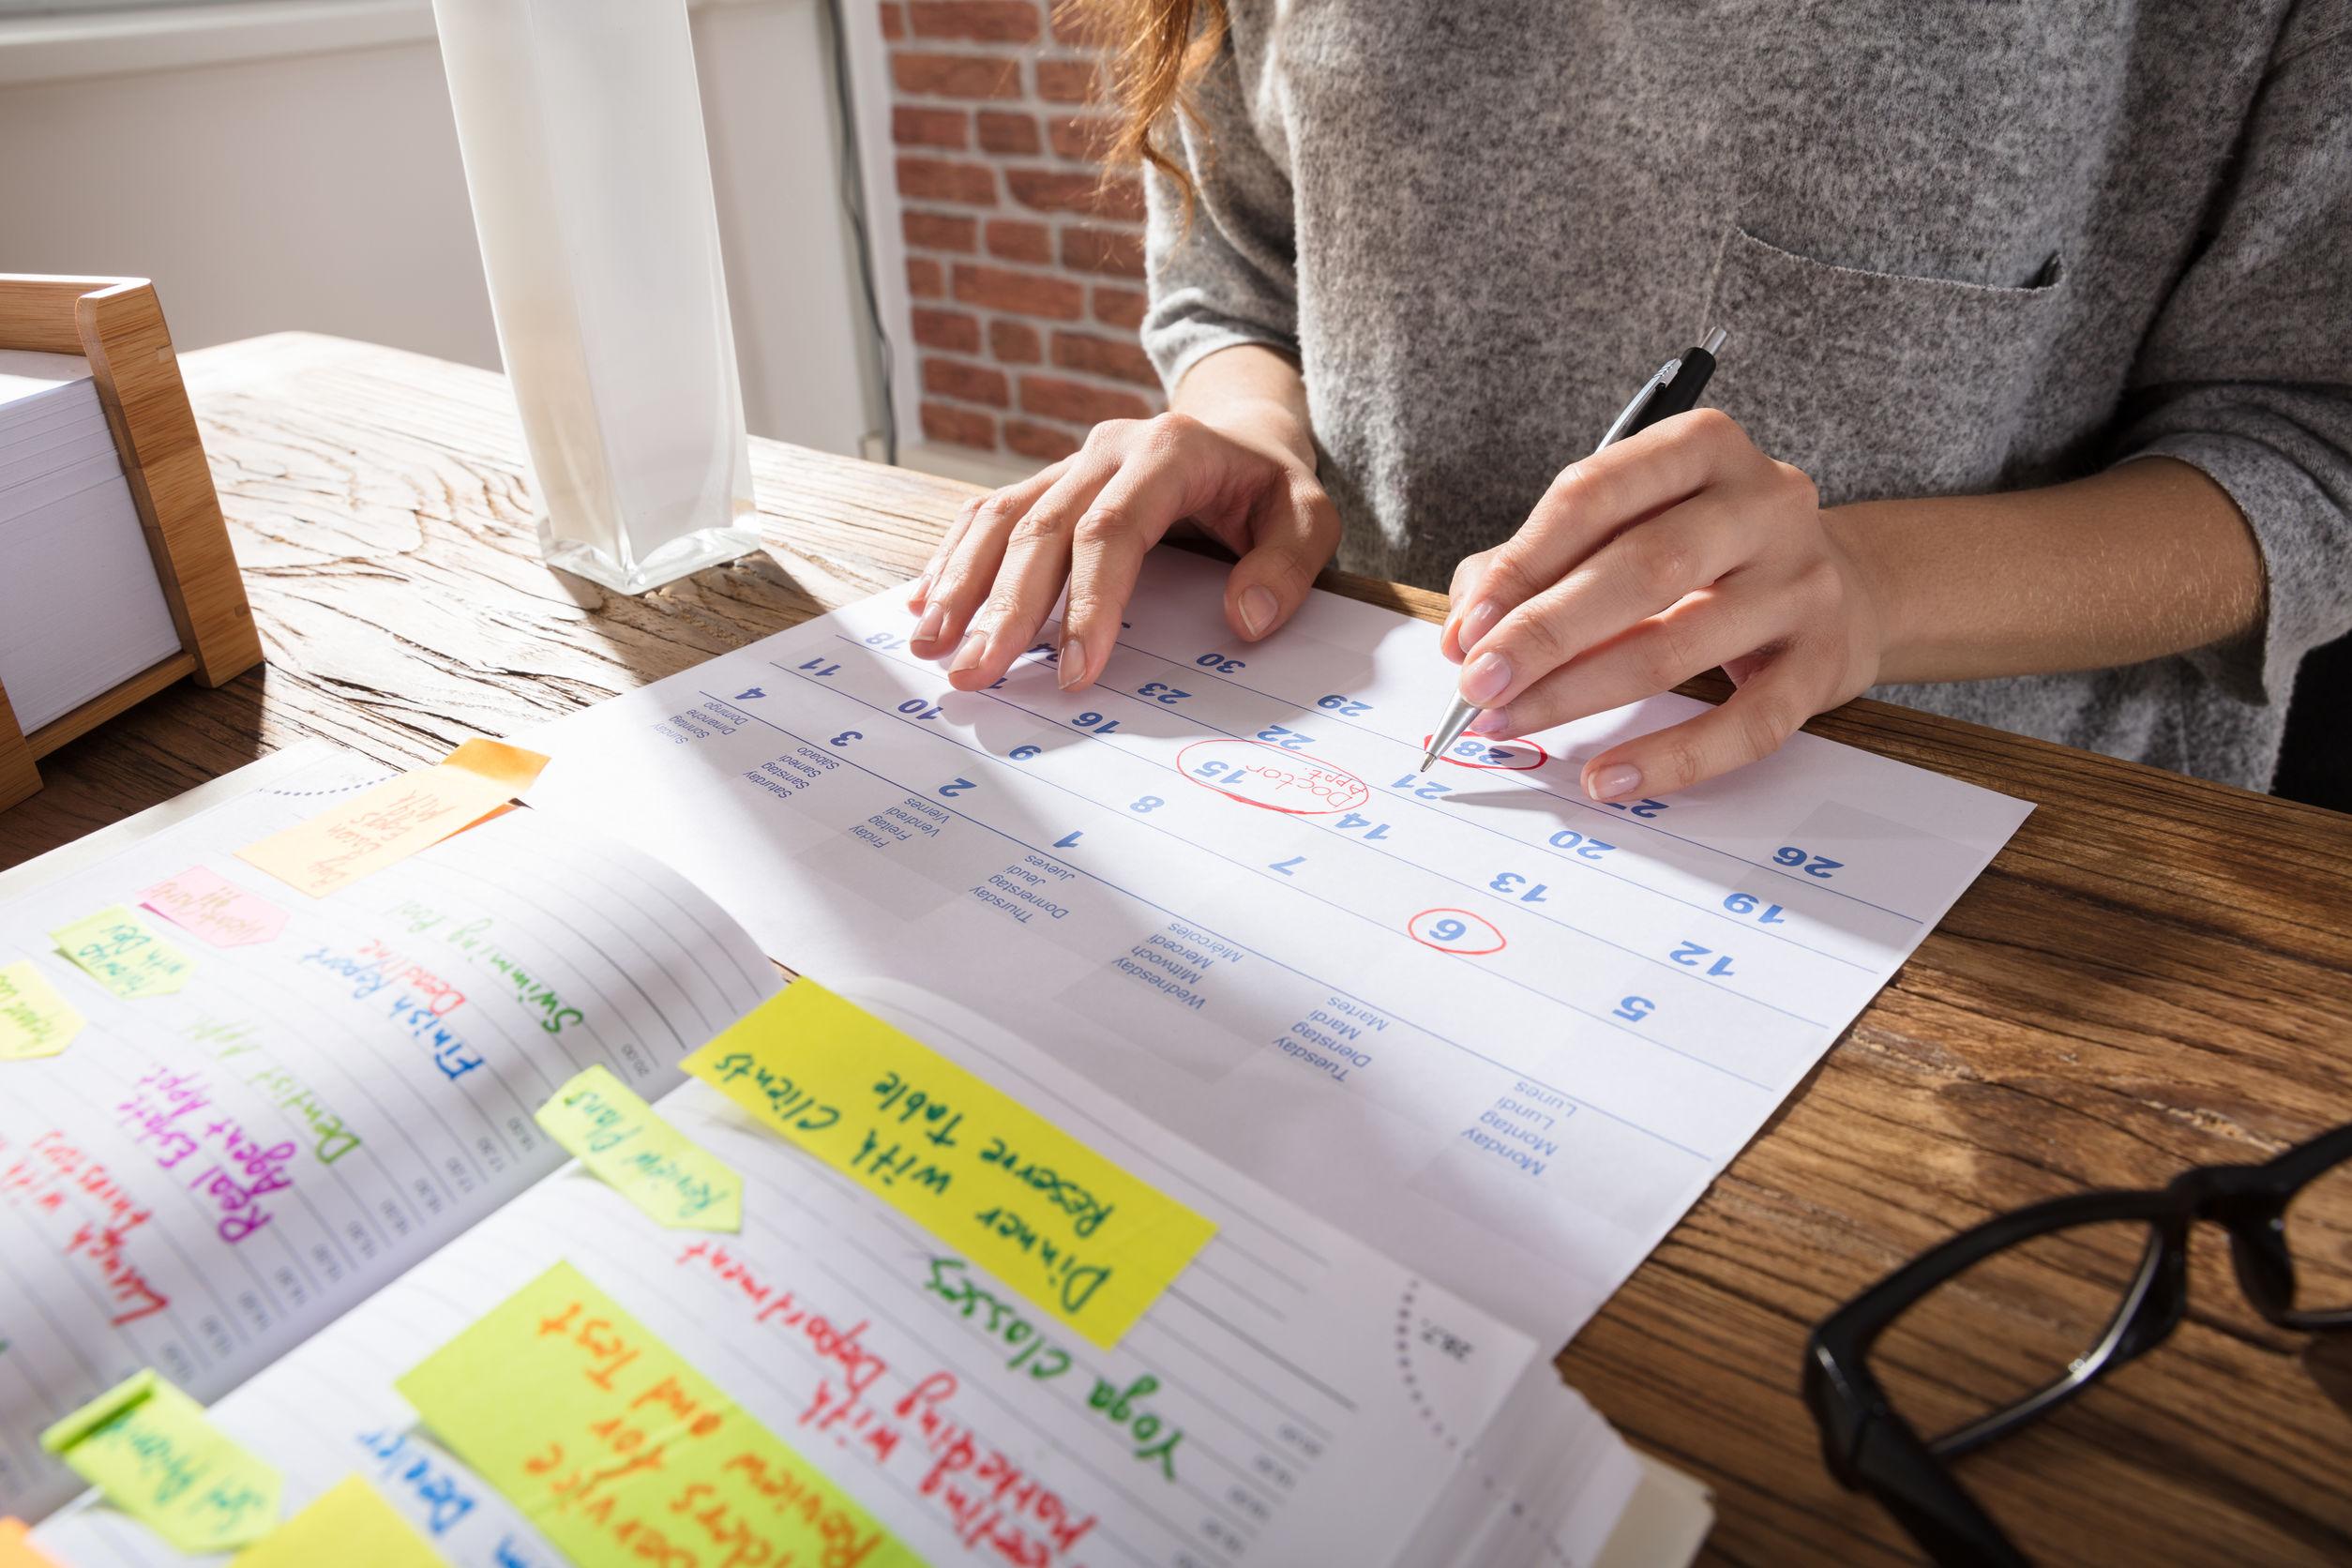 Registro de jornada laboral para optimizar procesos empresariales